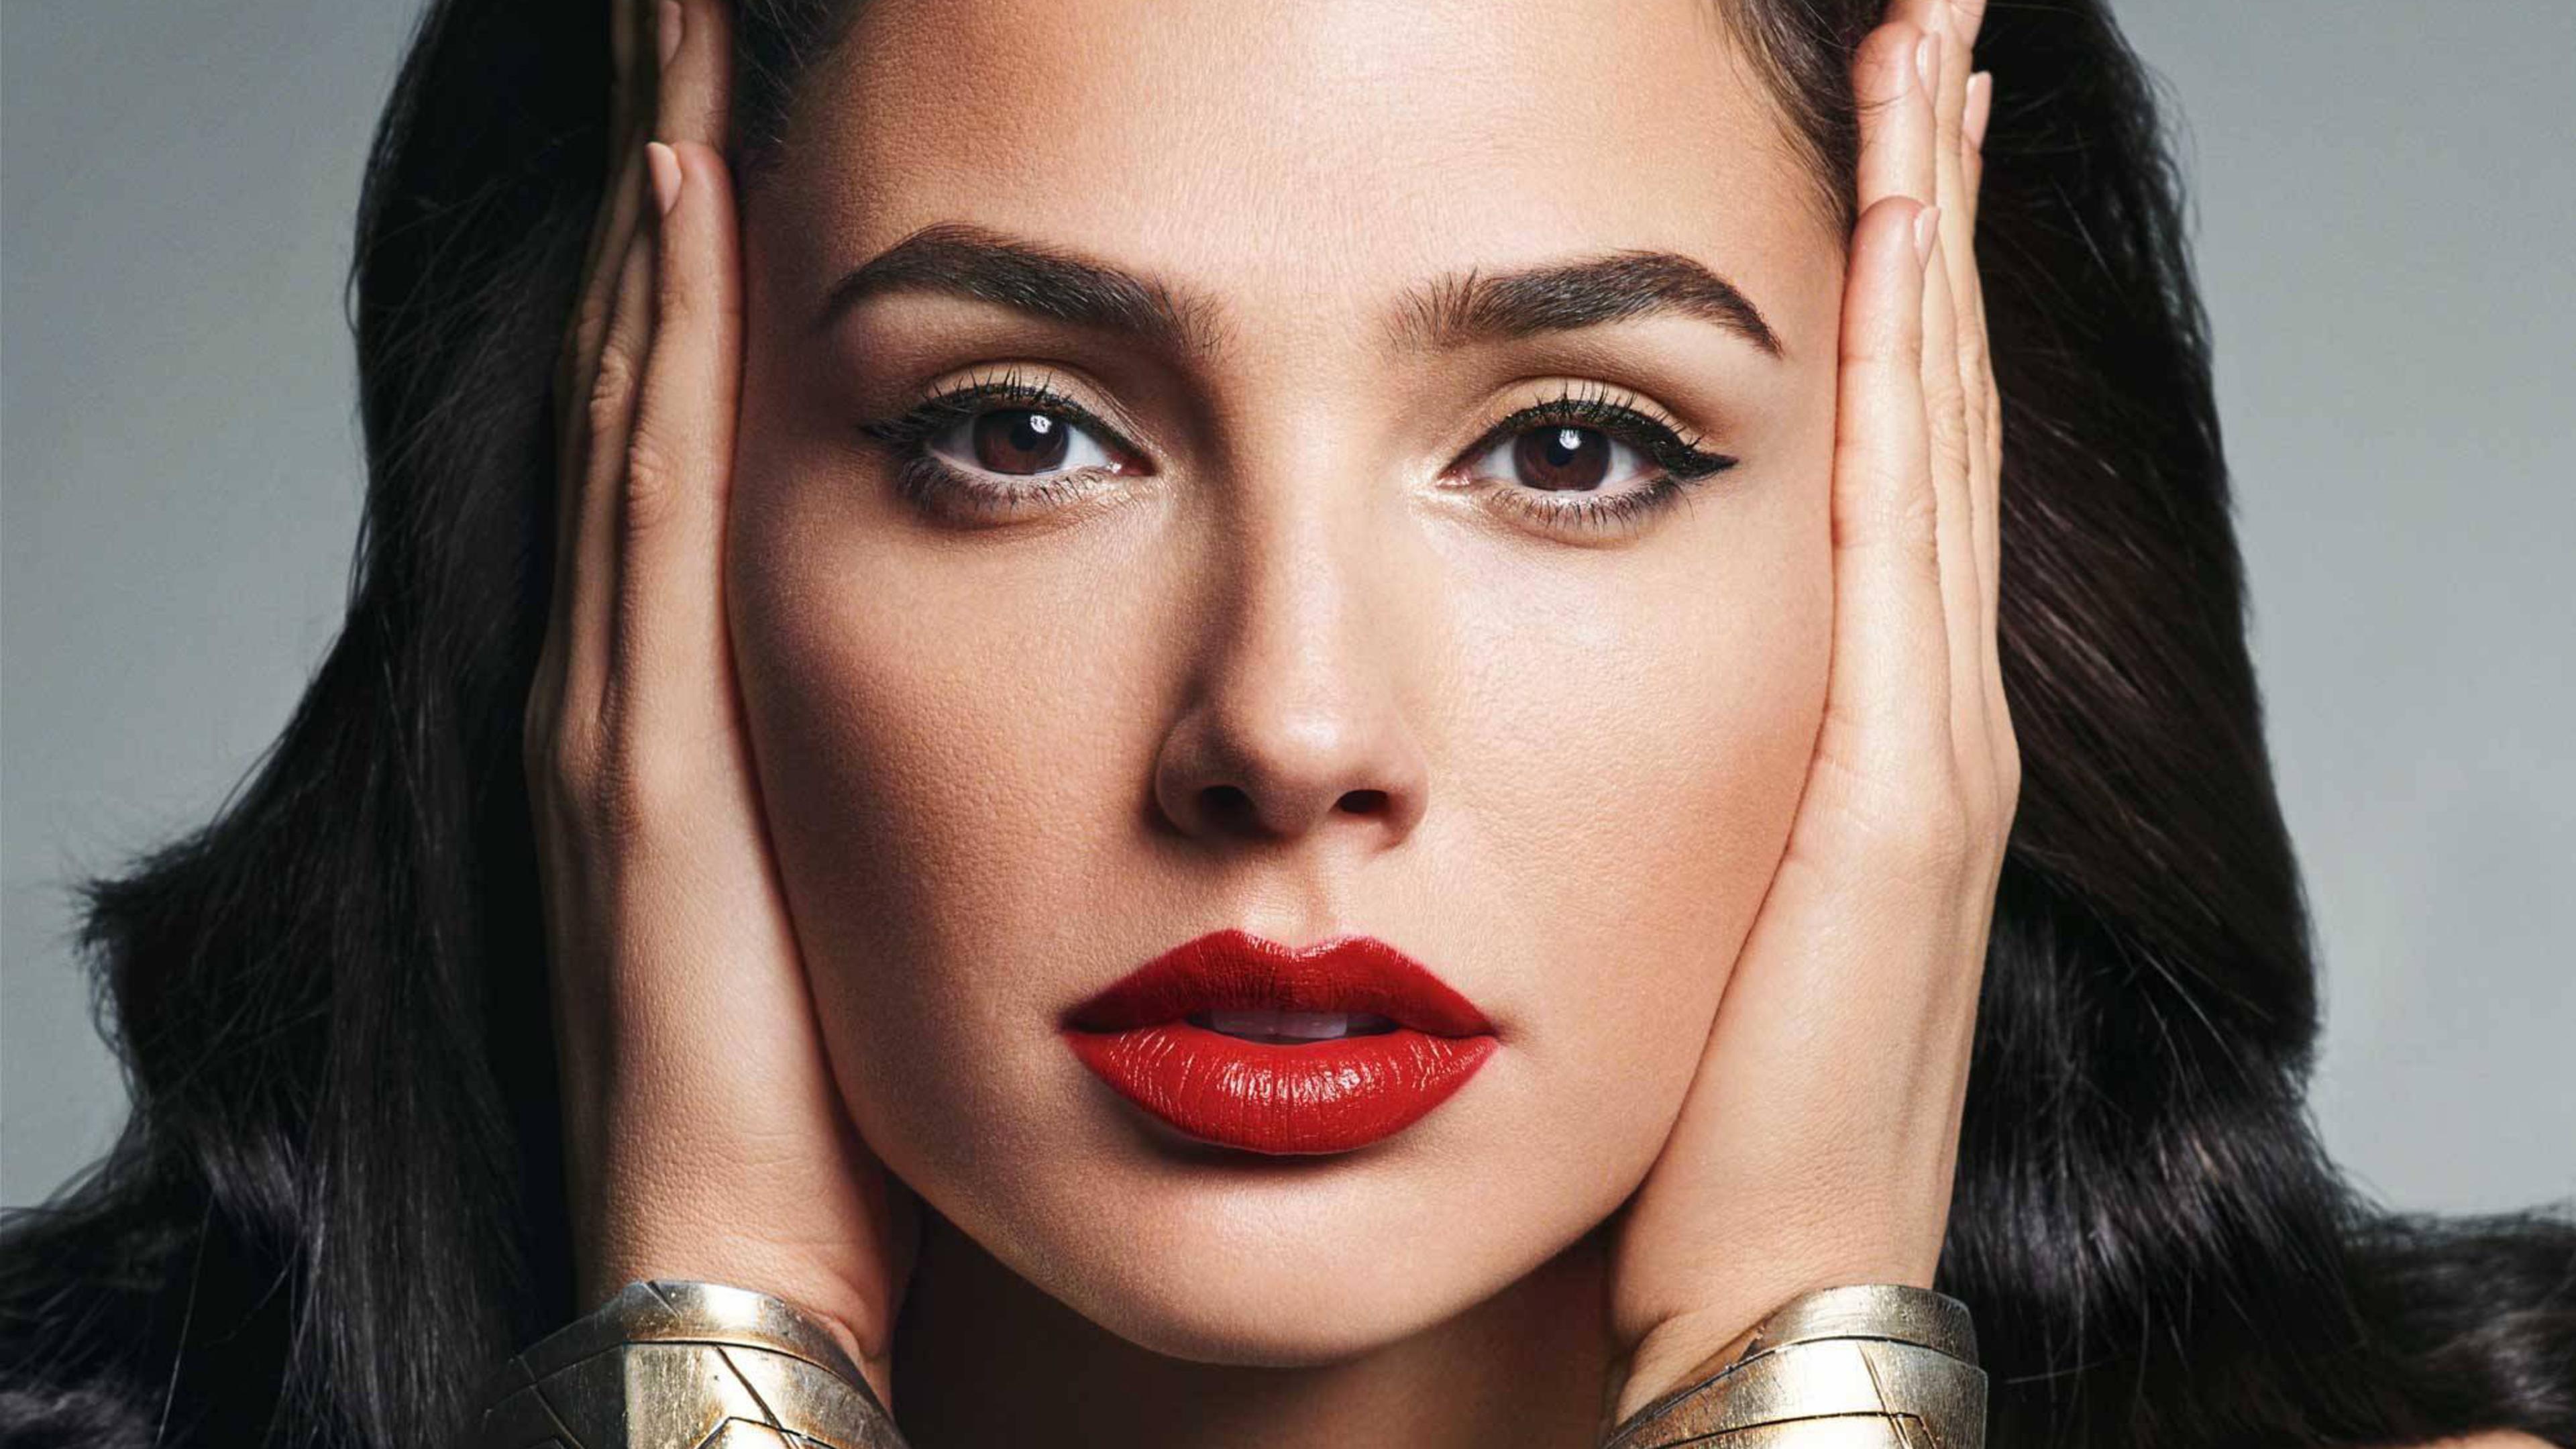 Gal Gadot Wonder Woman New 4k Hd Movies 4k Wallpapers: 3840x2160 Gal Gadot As Wonder Woman New 4k HD 4k